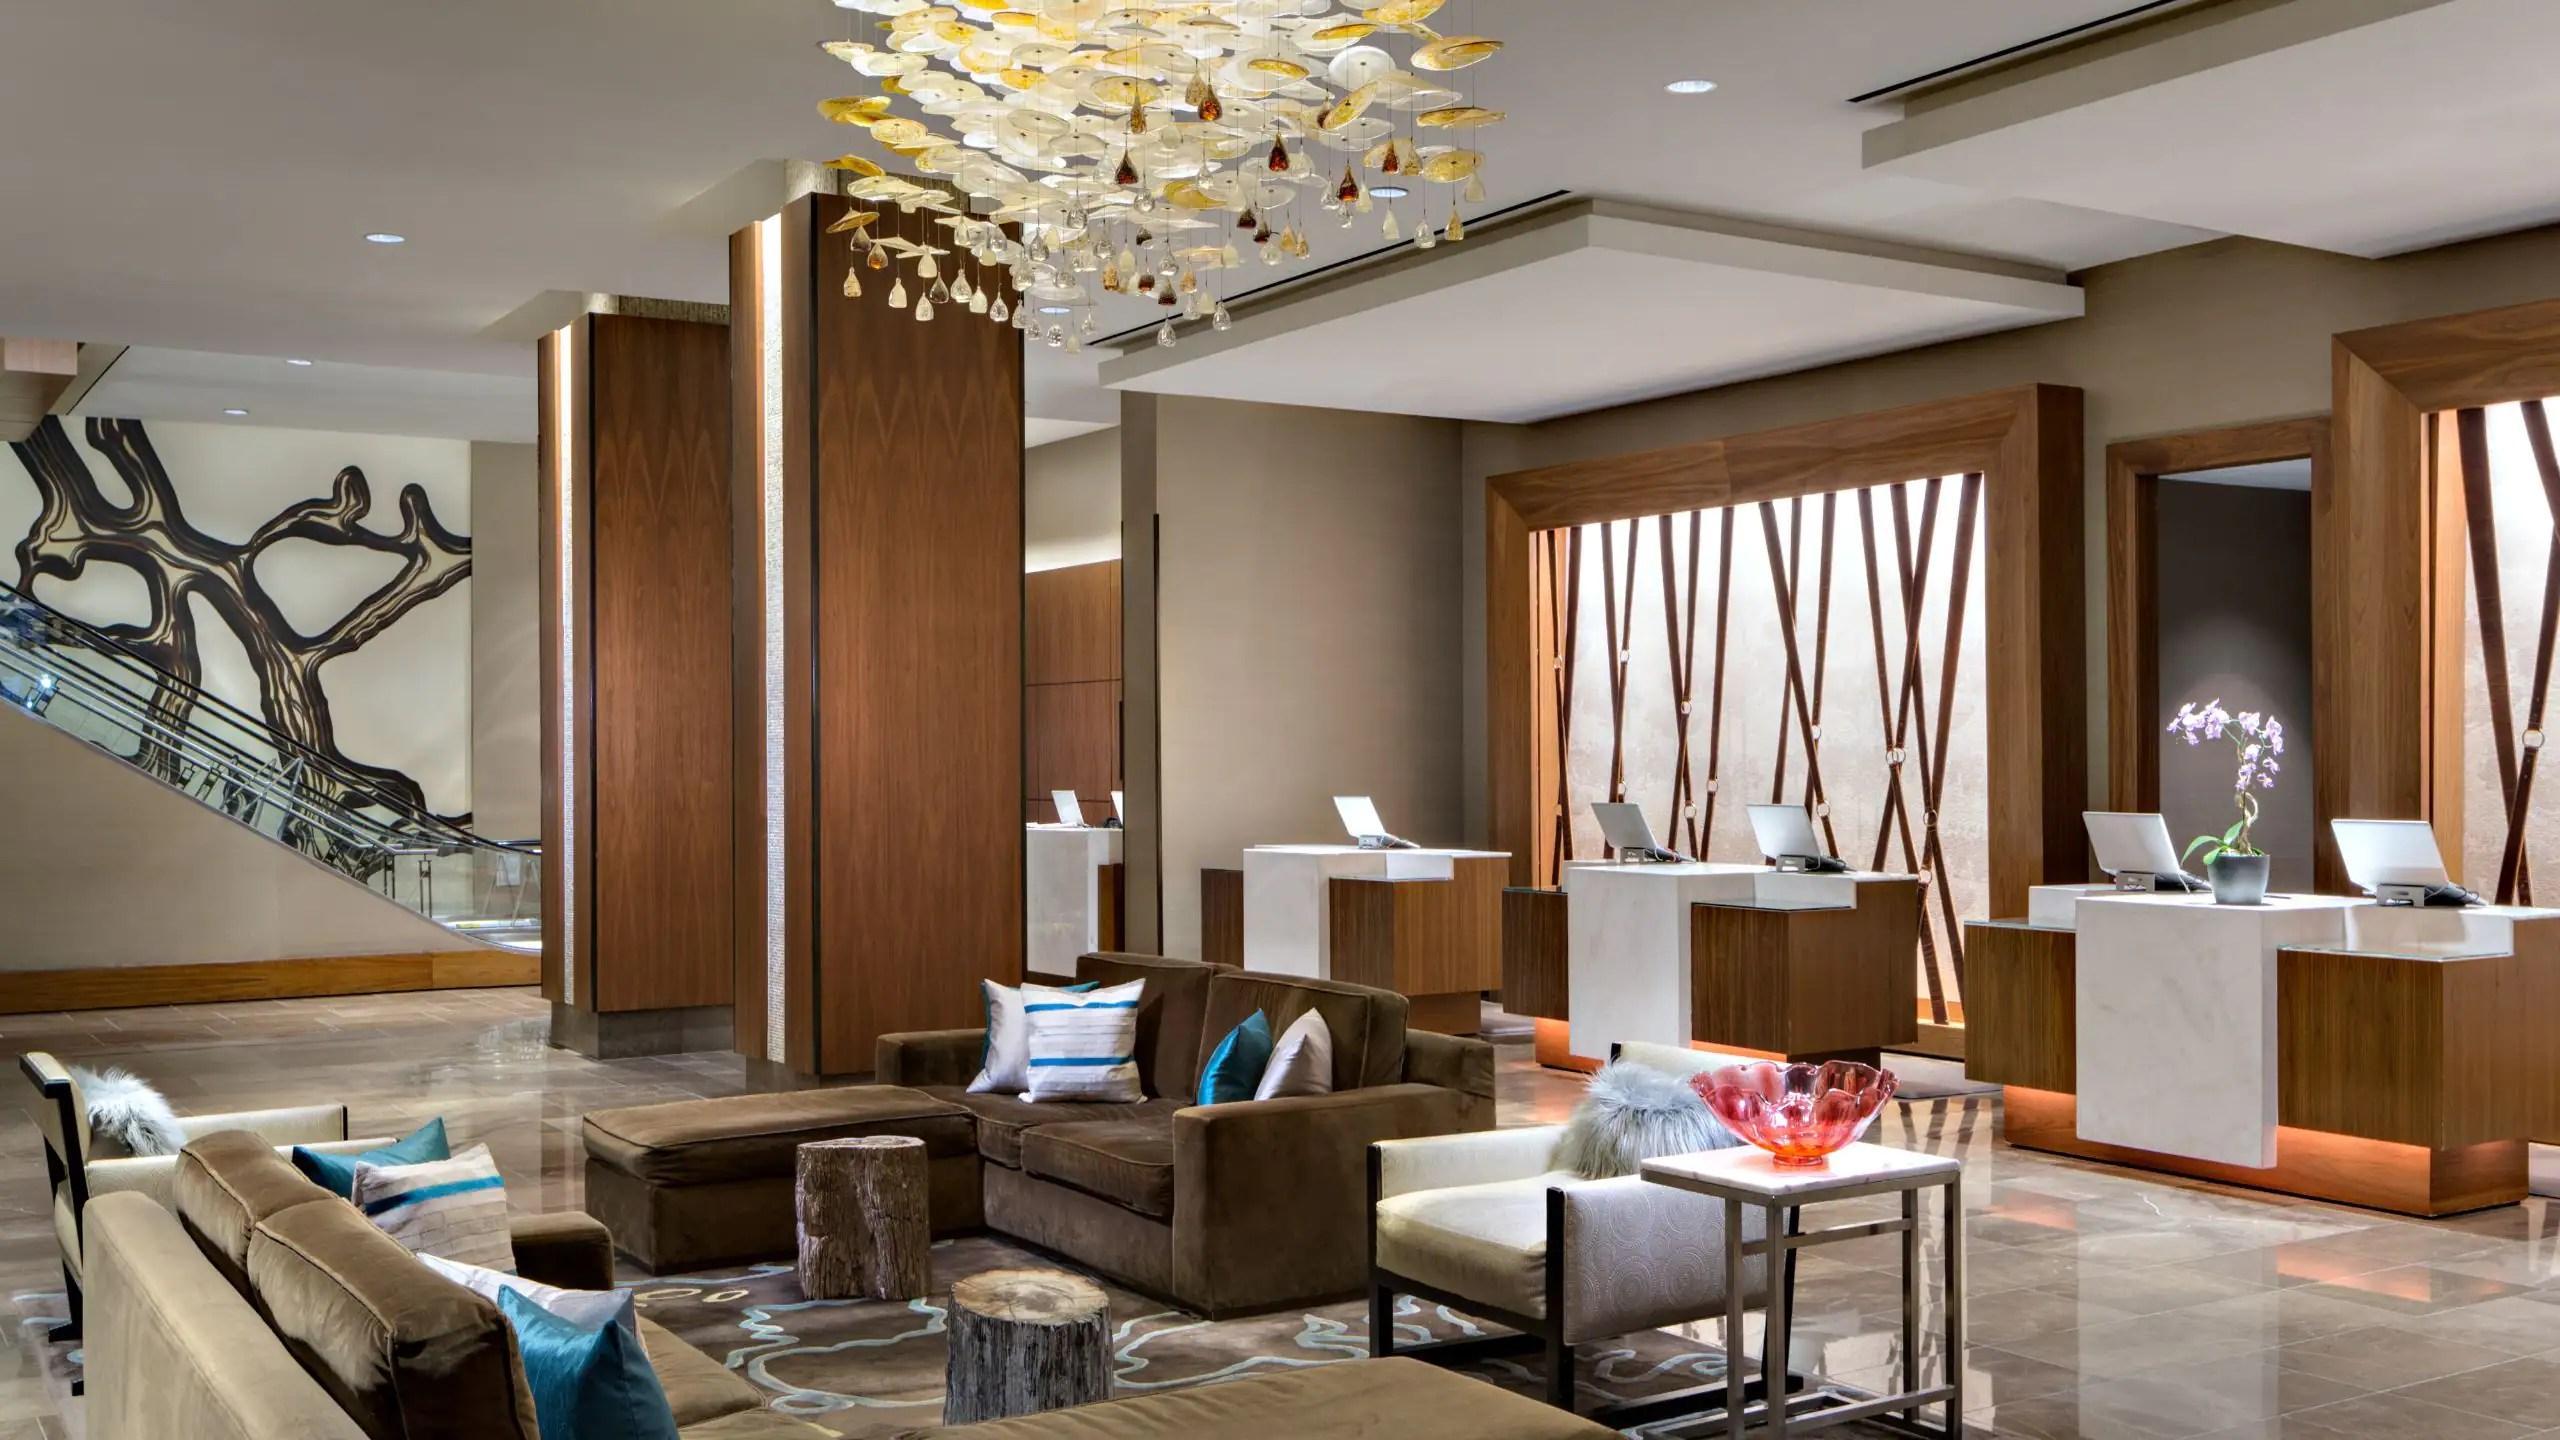 medium resolution of hotel lobby hyatt regency san antonio river walk